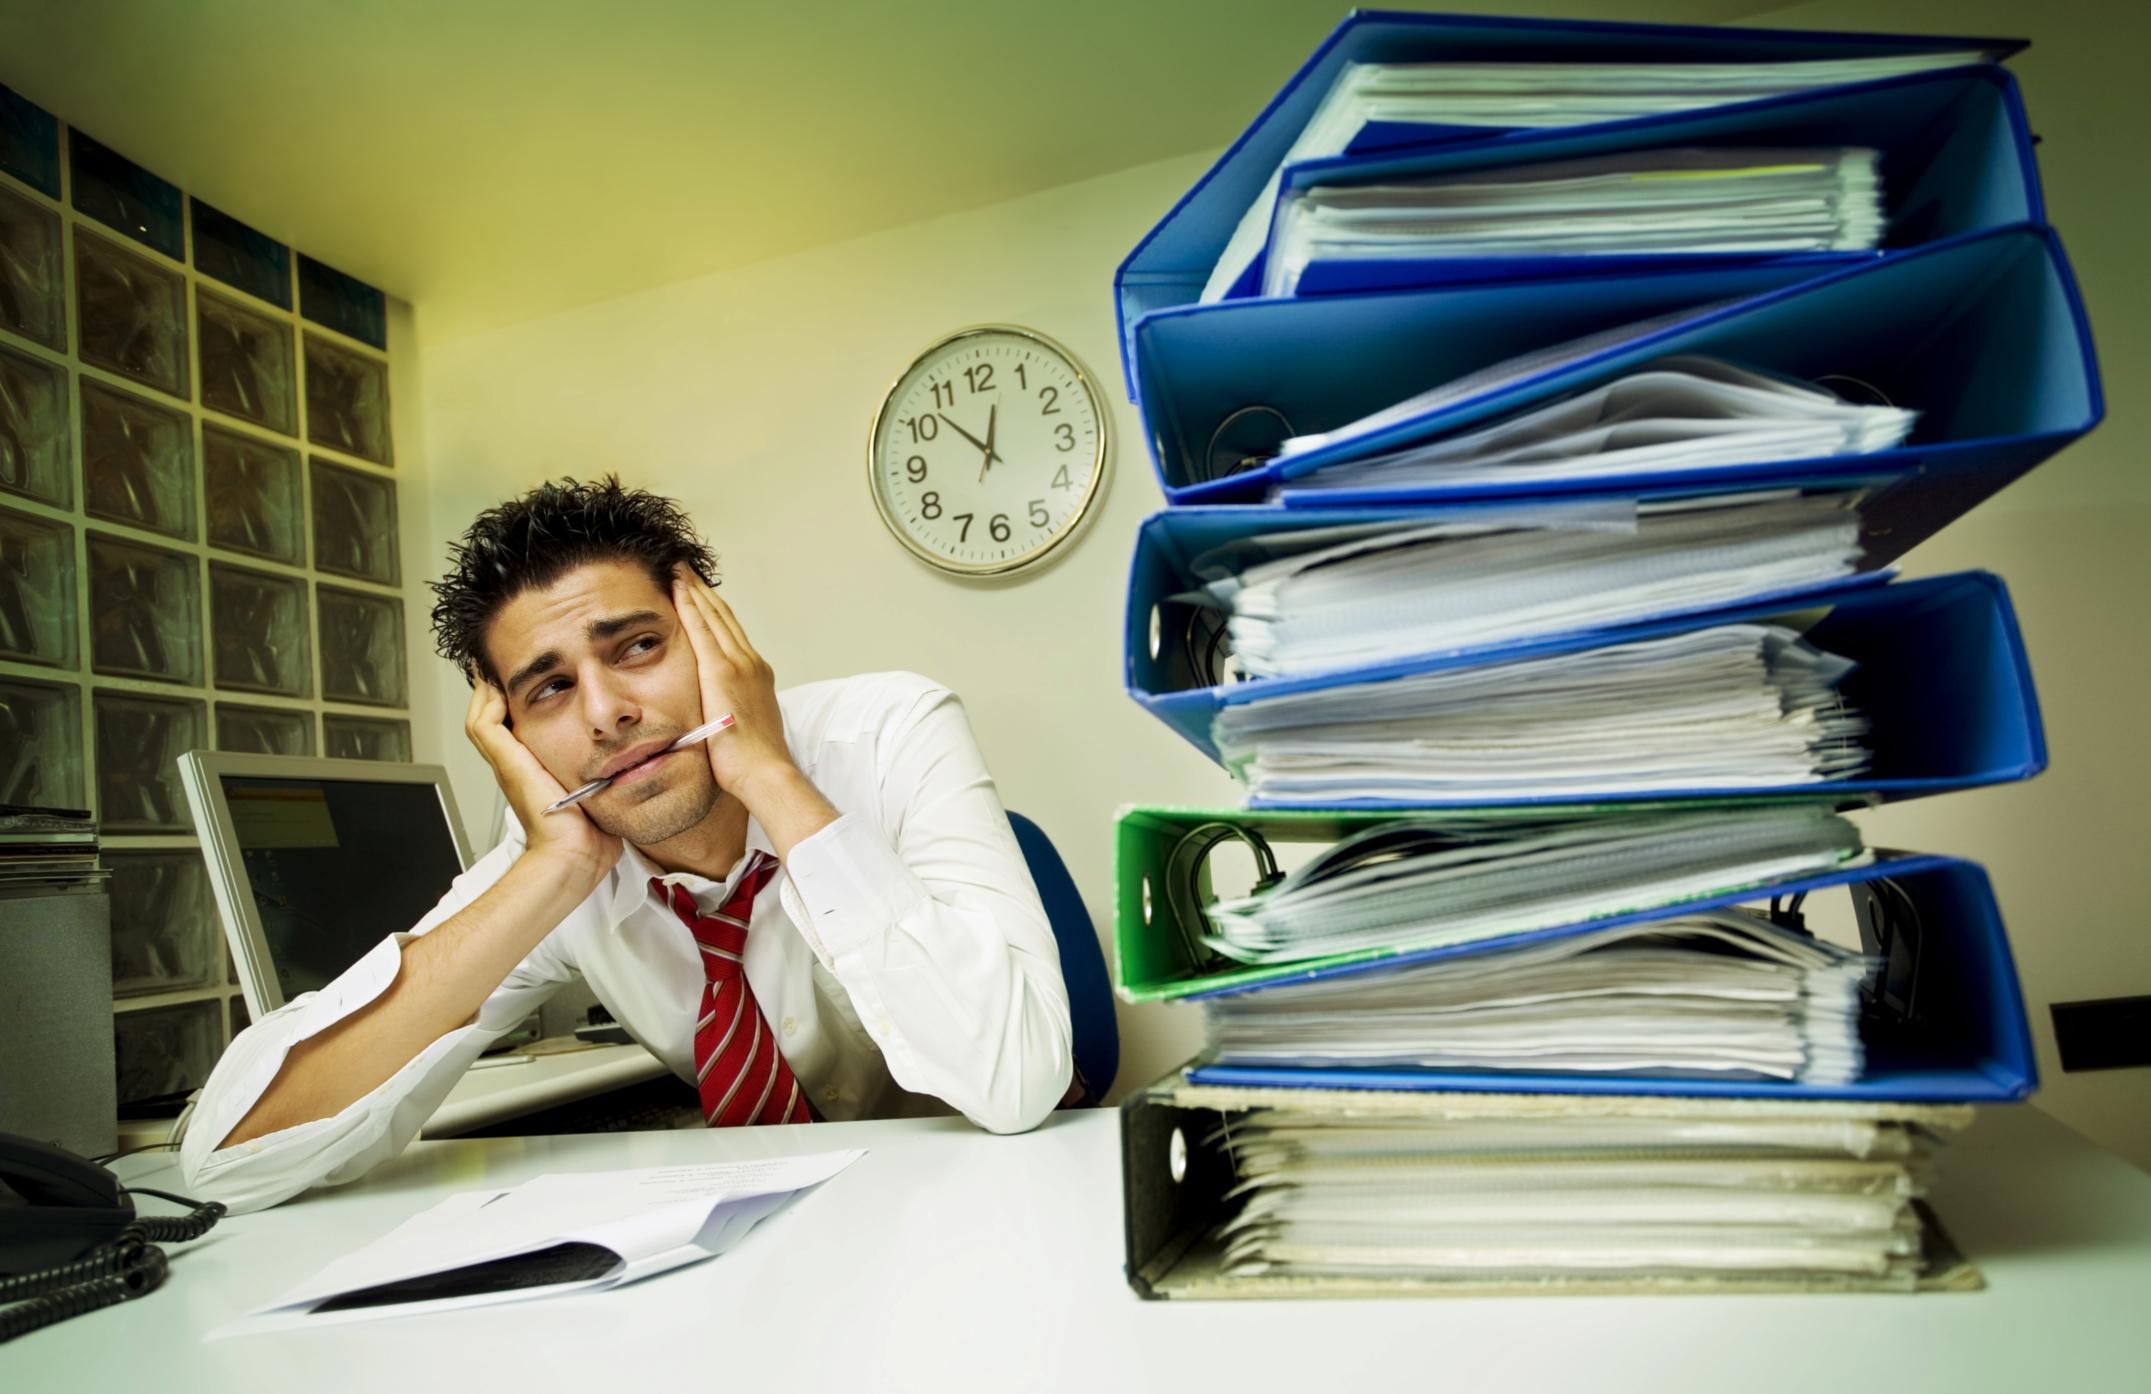 Los peligros para la salud de tener un trabajo que desagradable